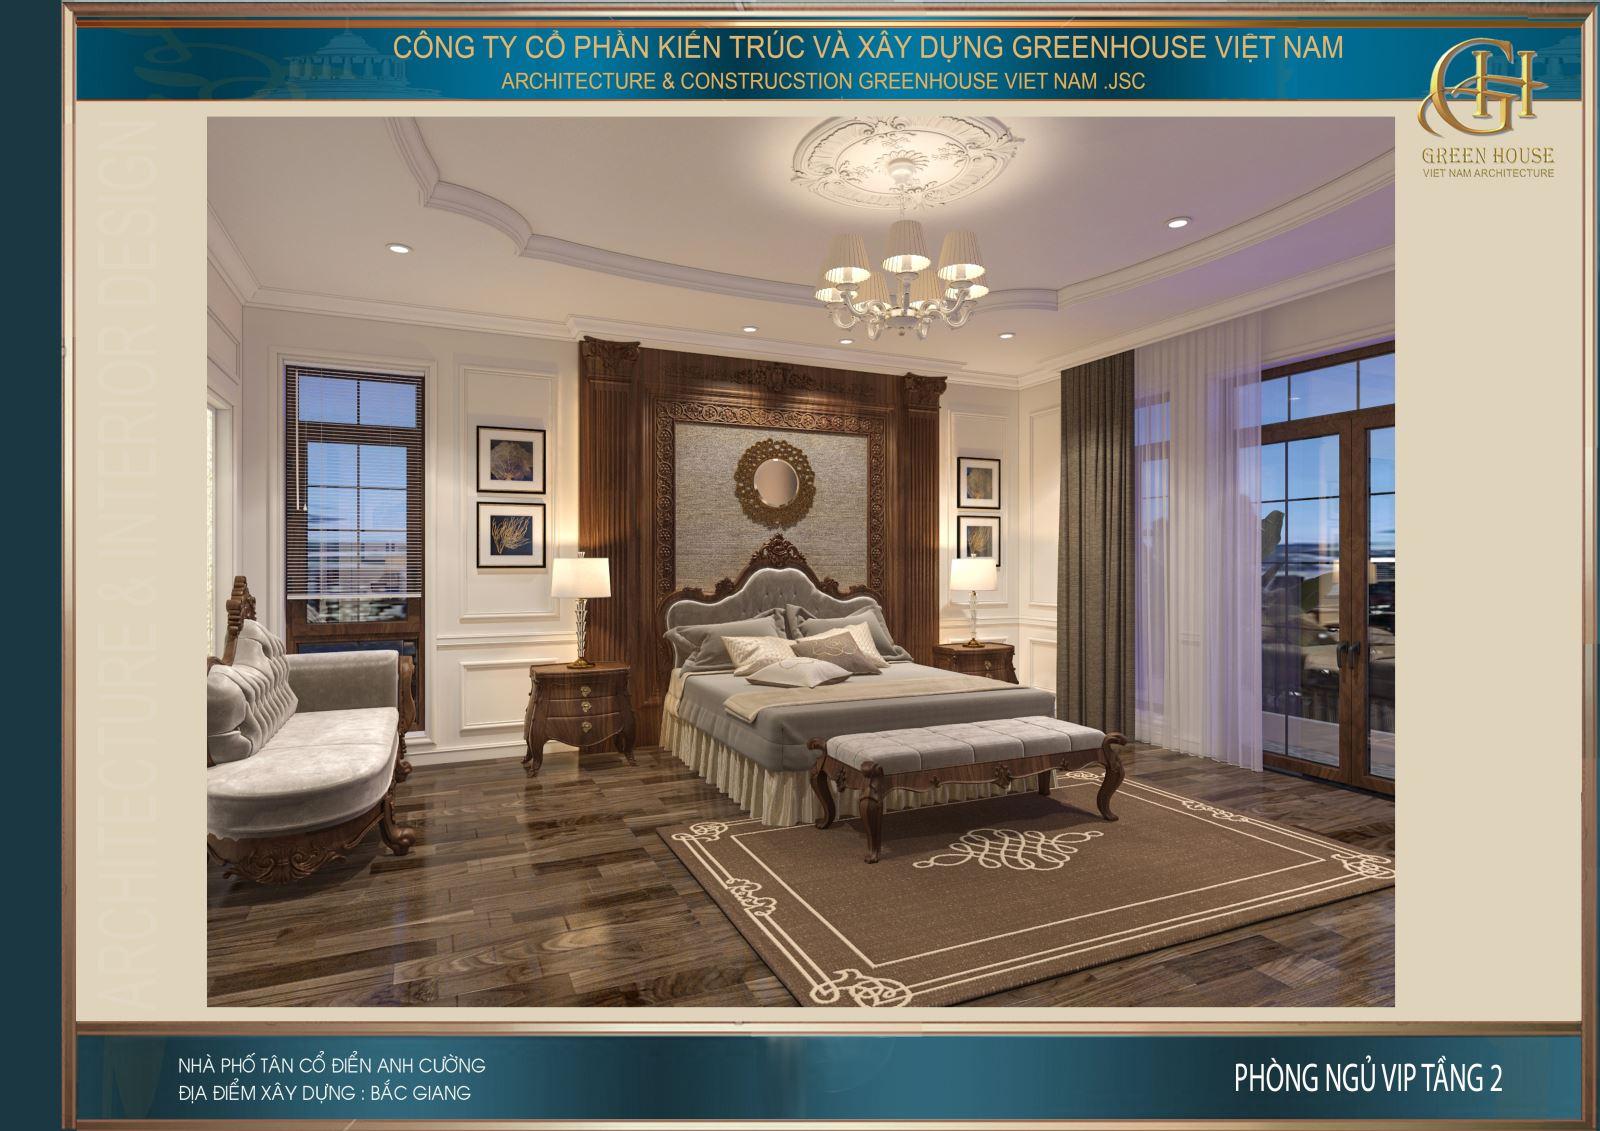 Toàn bộ hệ thống nội thất trong phòng đều được thiết kế bằng gỗ